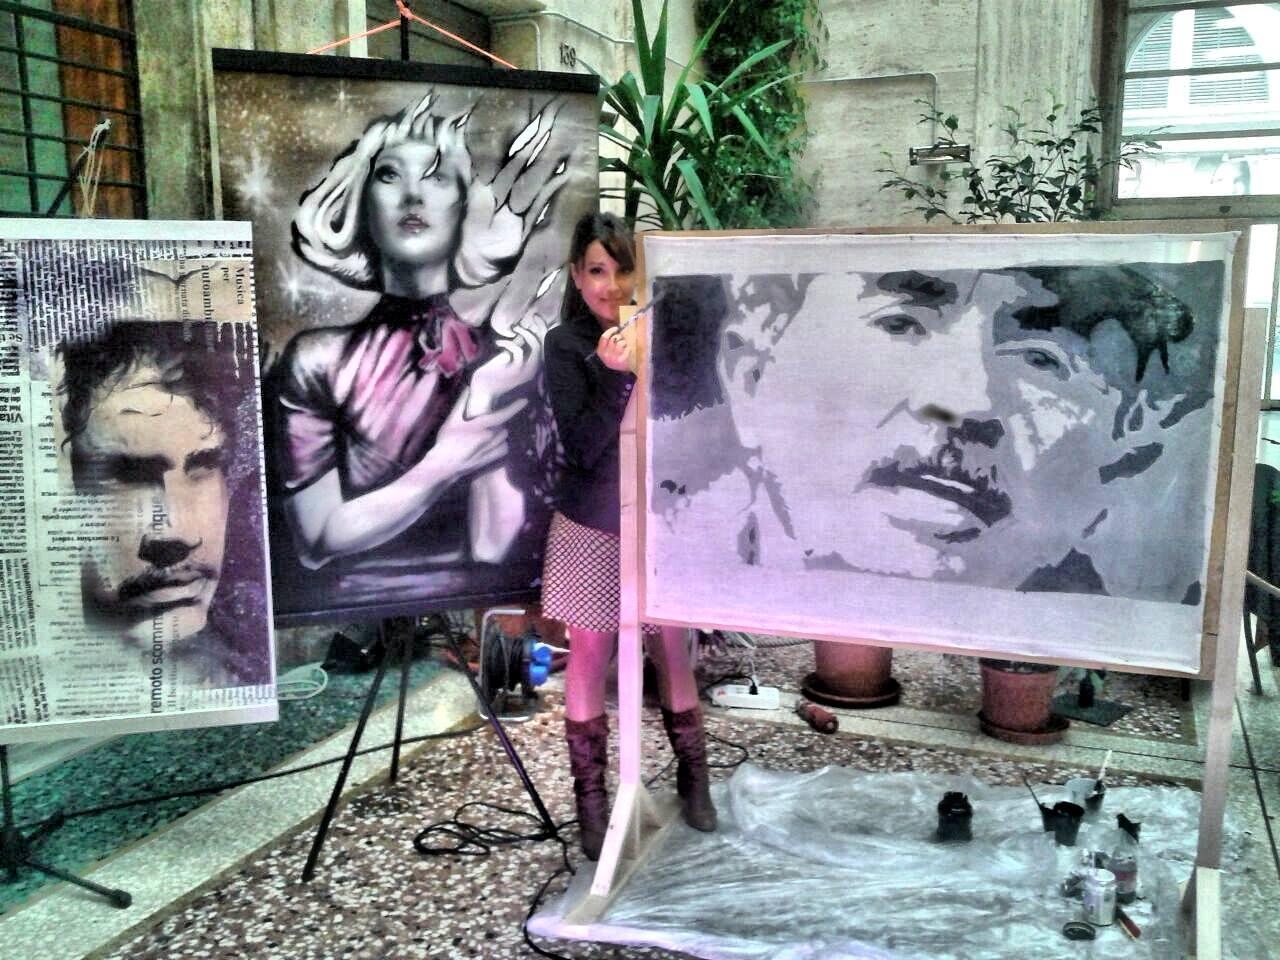 Esposizione di Pittura e Scultura Contemporanea dedicata agli Artisti della nostra Regione - 8/10/2016 - Imola